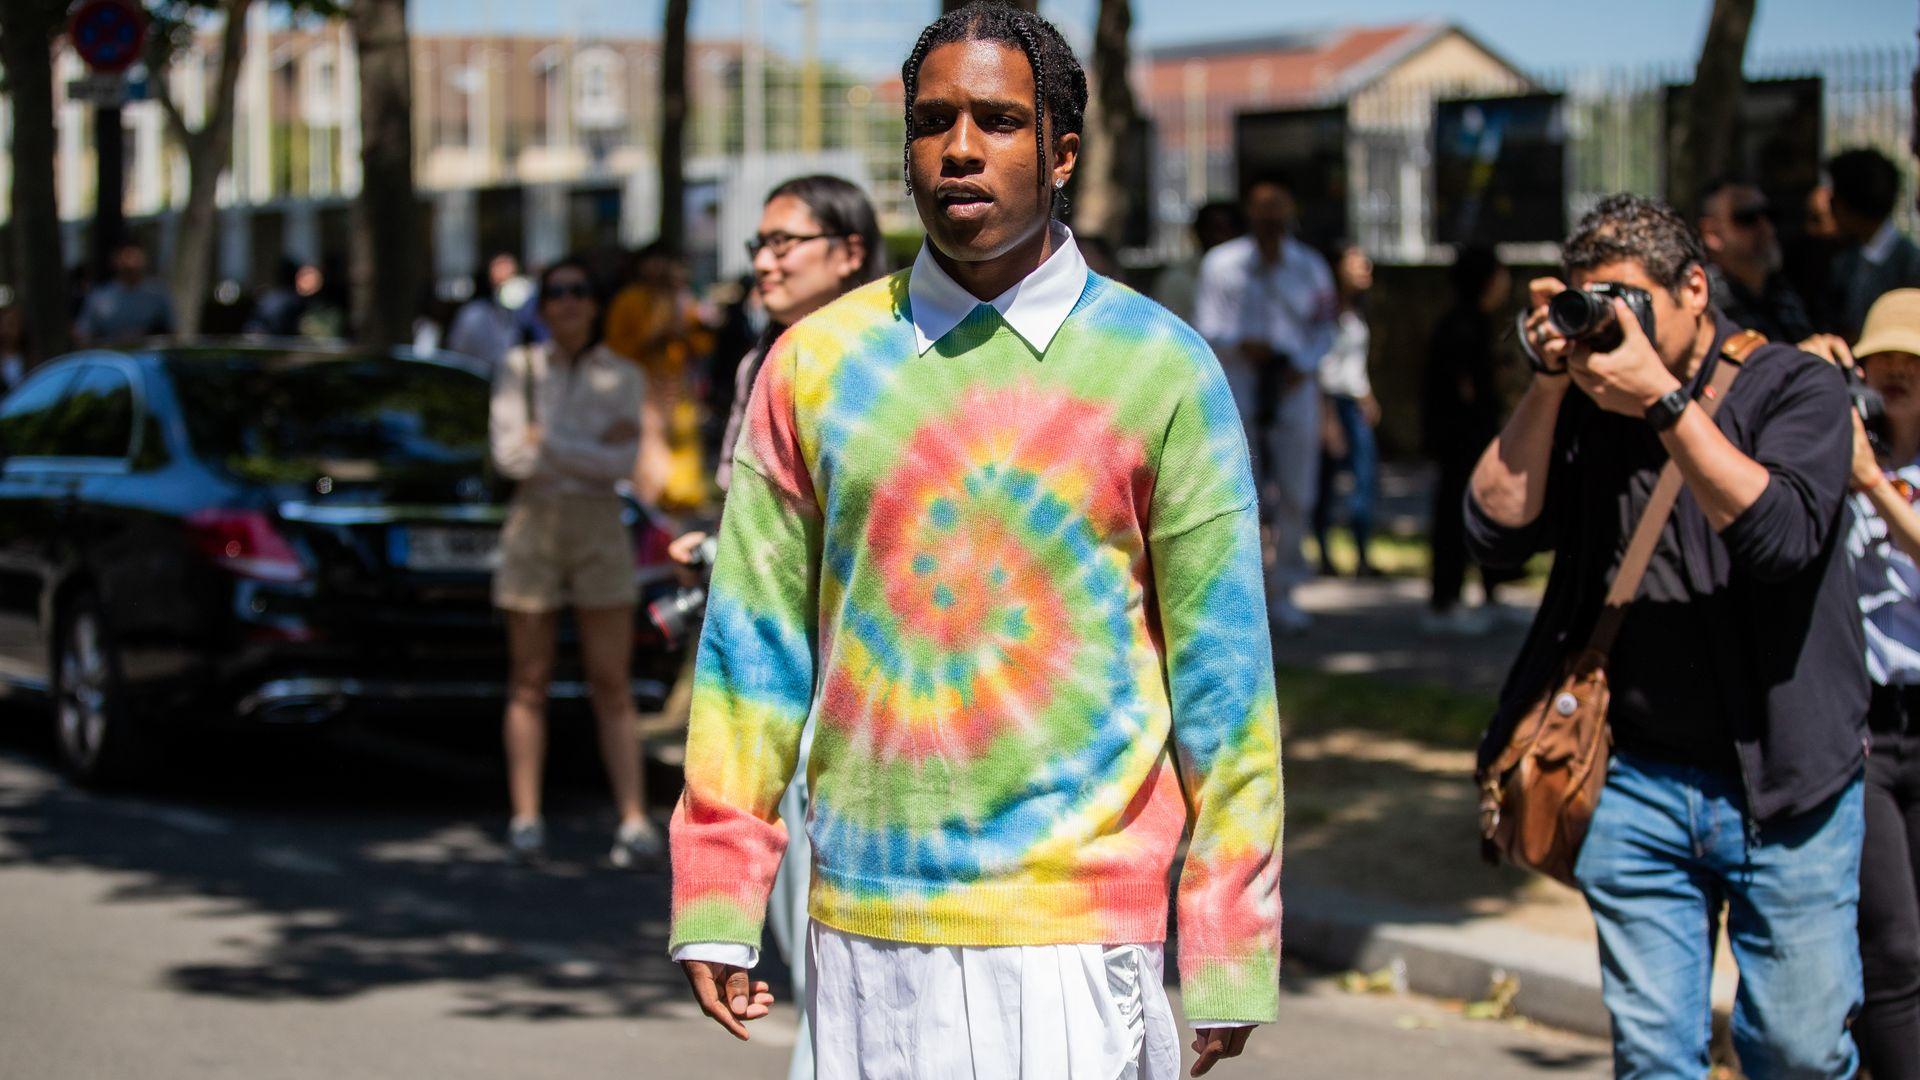 Rapper A$AP Rocky at Paris Fashion Week